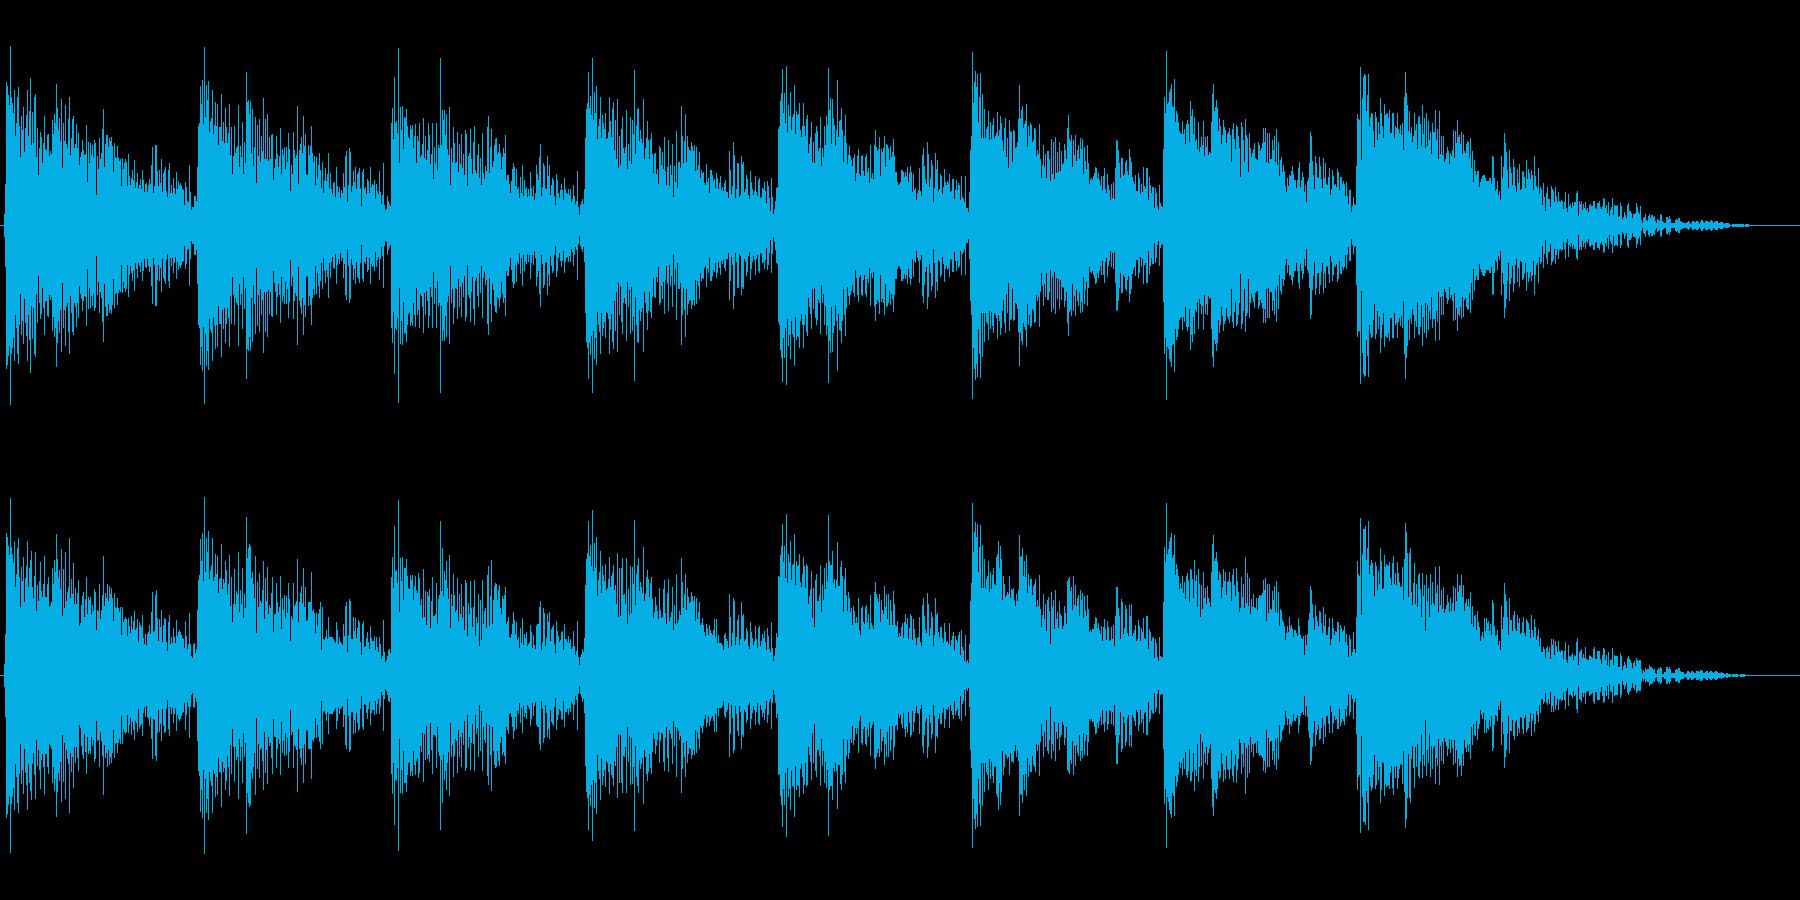 パワー系機器の運転音をイメージさせる音の再生済みの波形